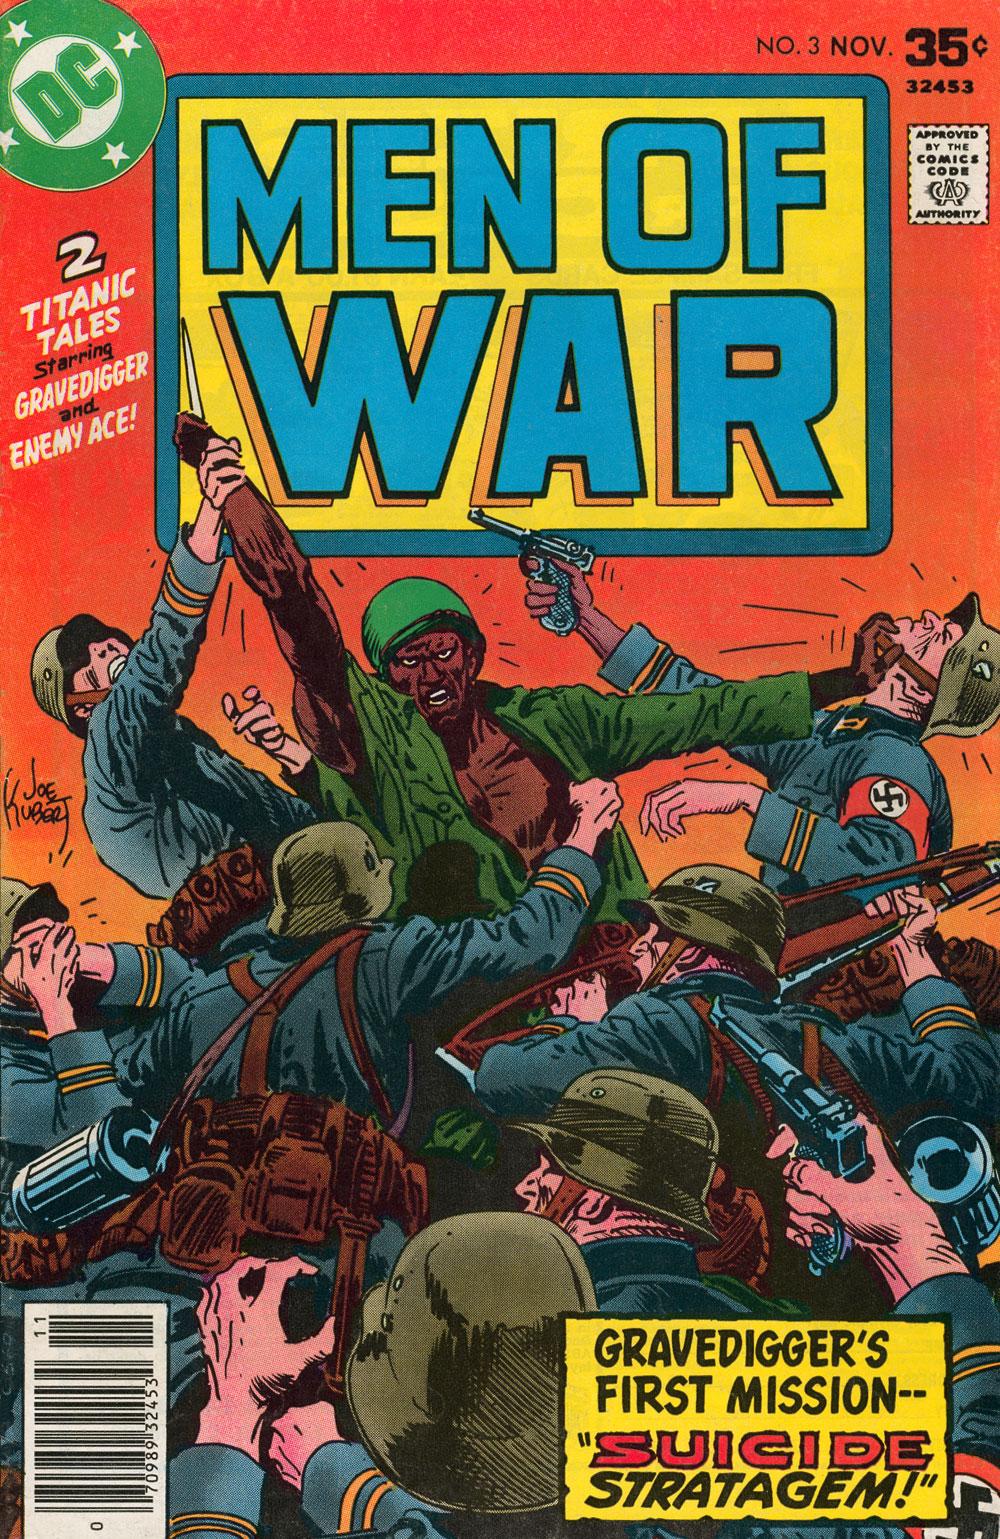 Men of War 3 Page 1